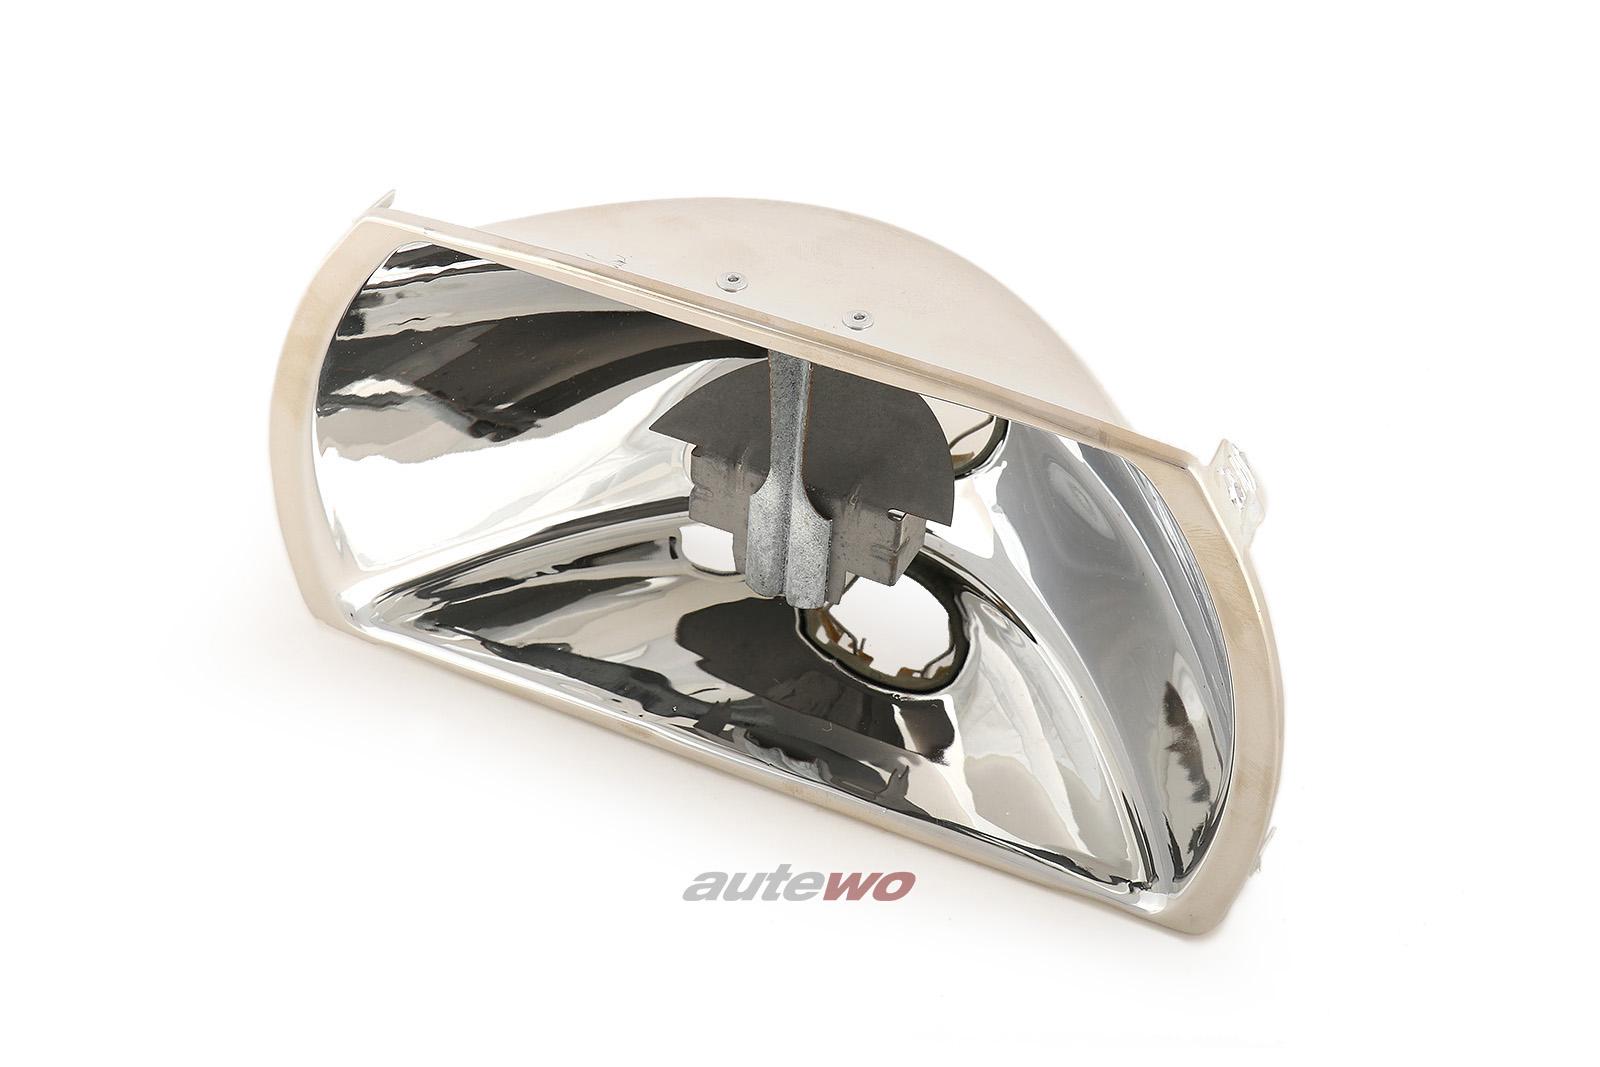 #855941151 Audi 80/90/Coupe Typ 81/85/Urquattro Abblendlicht-Reflektor Cibie